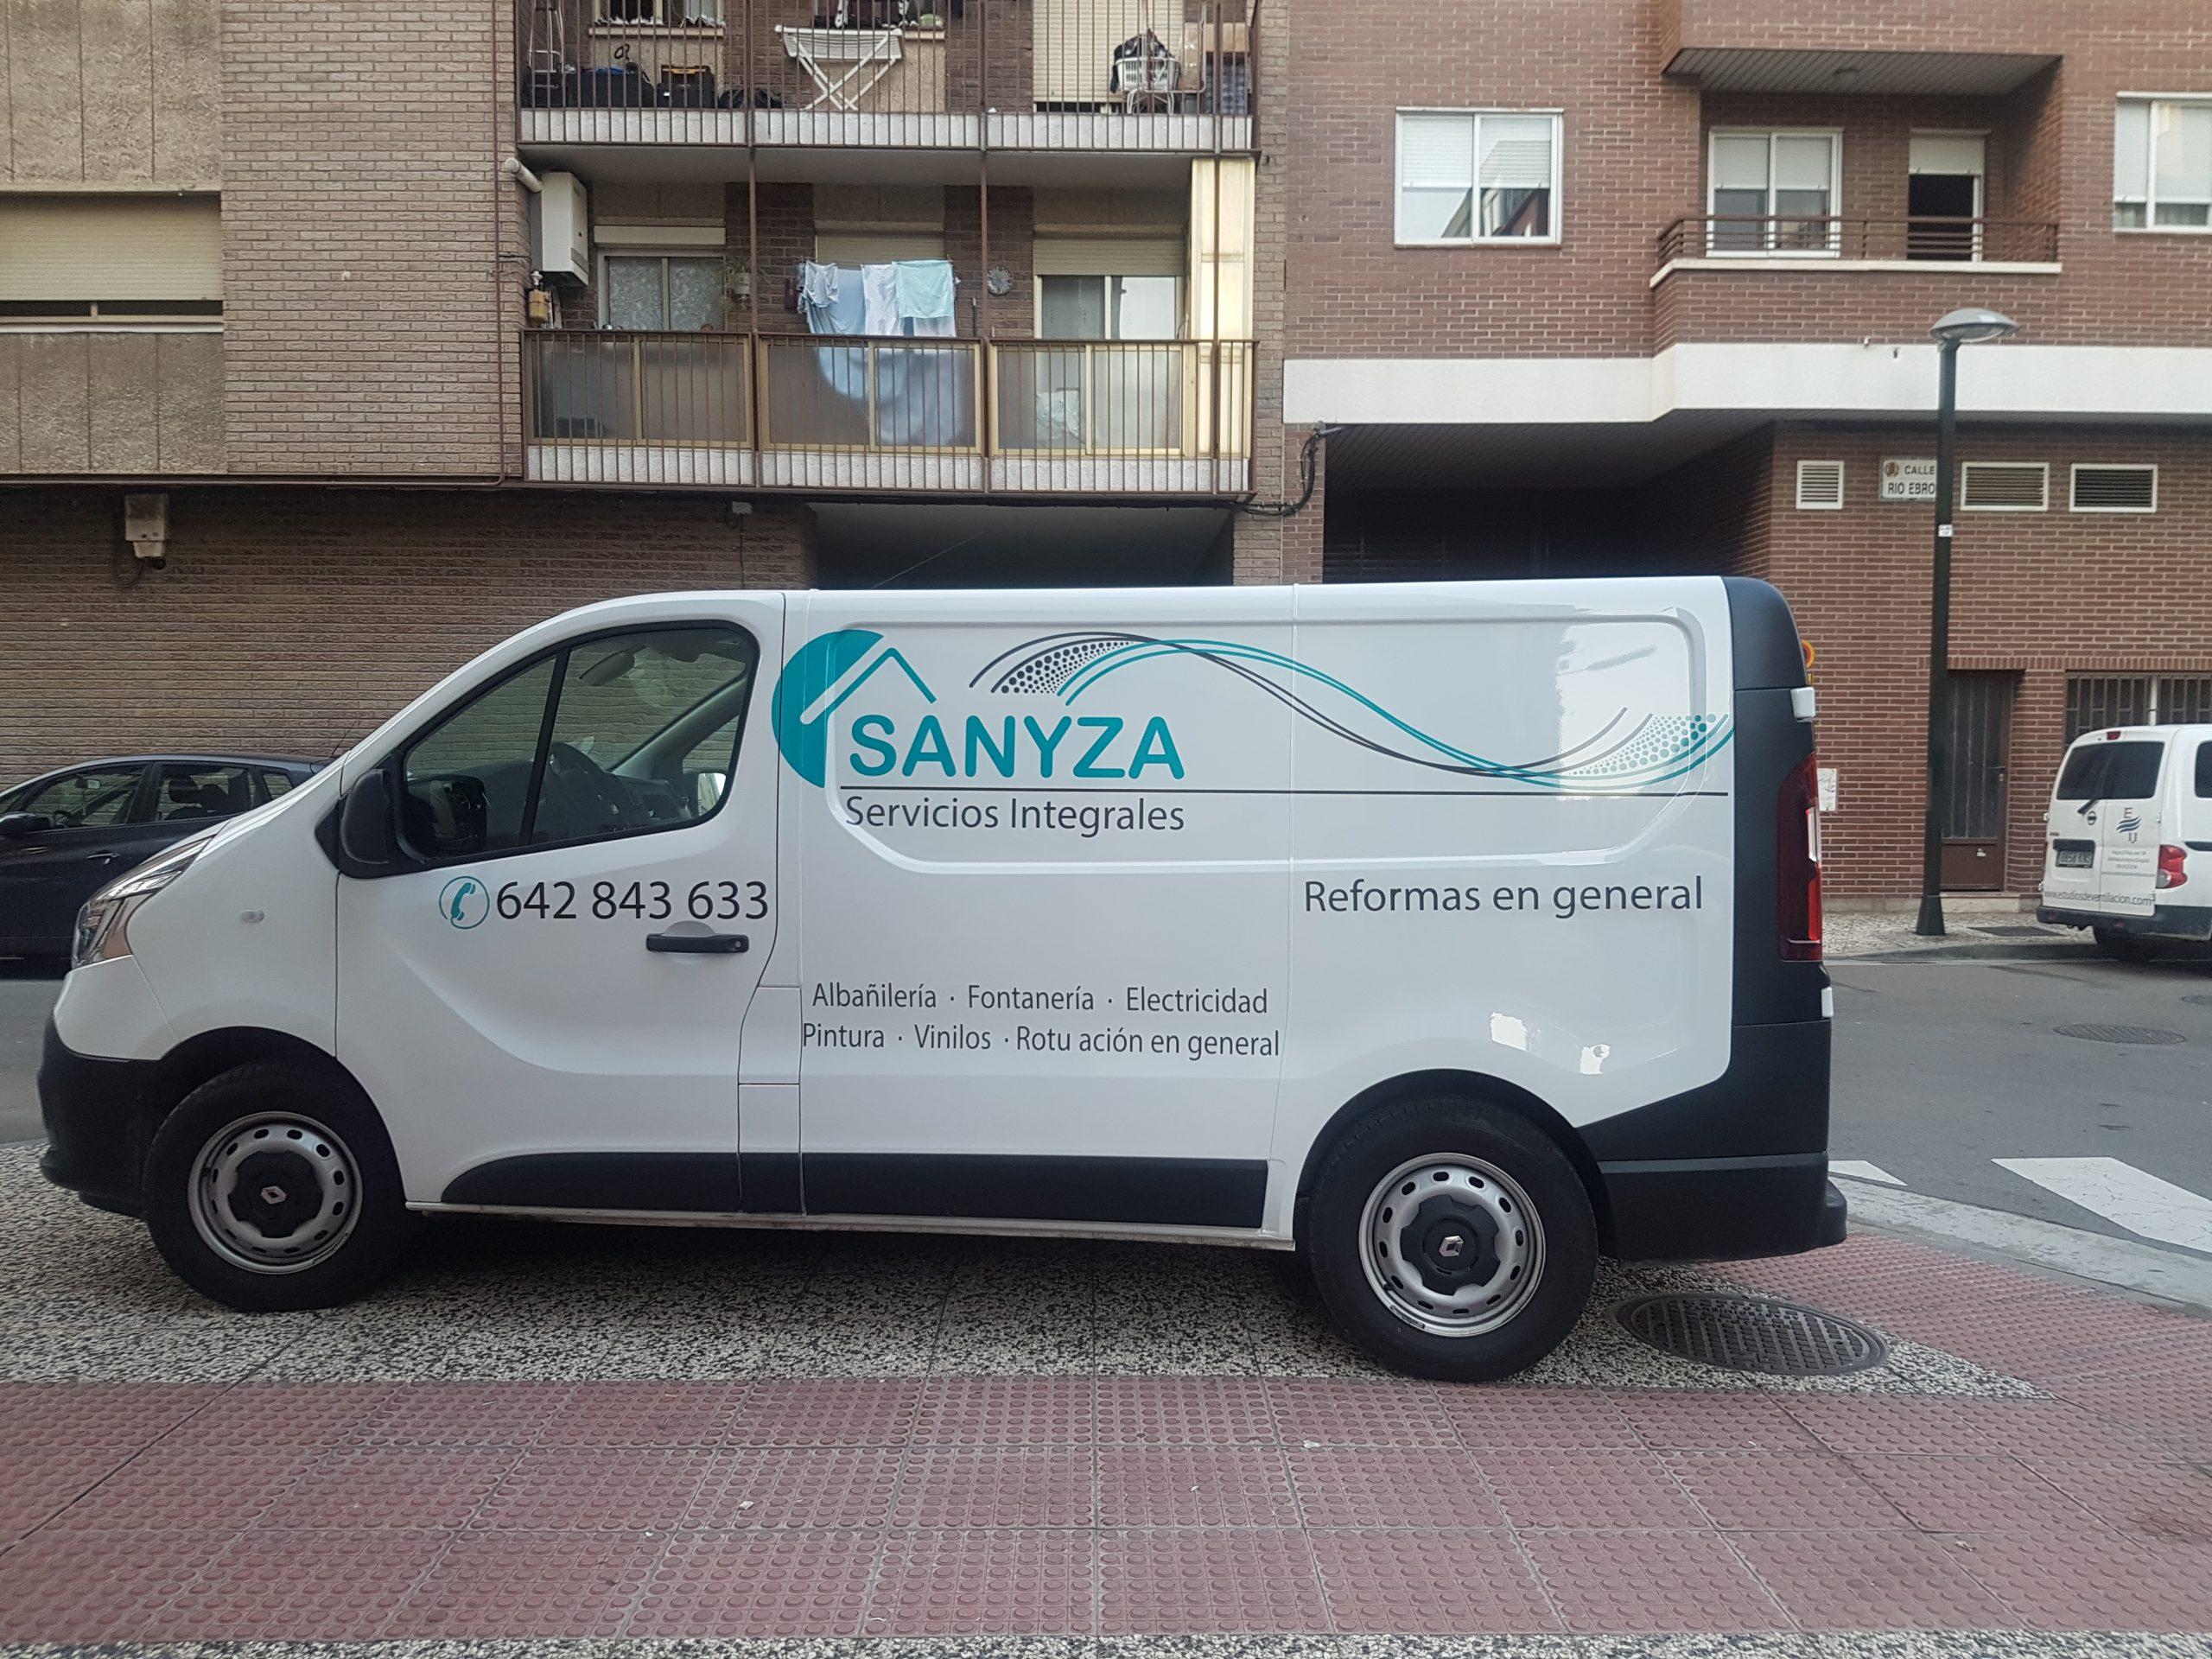 sanyza